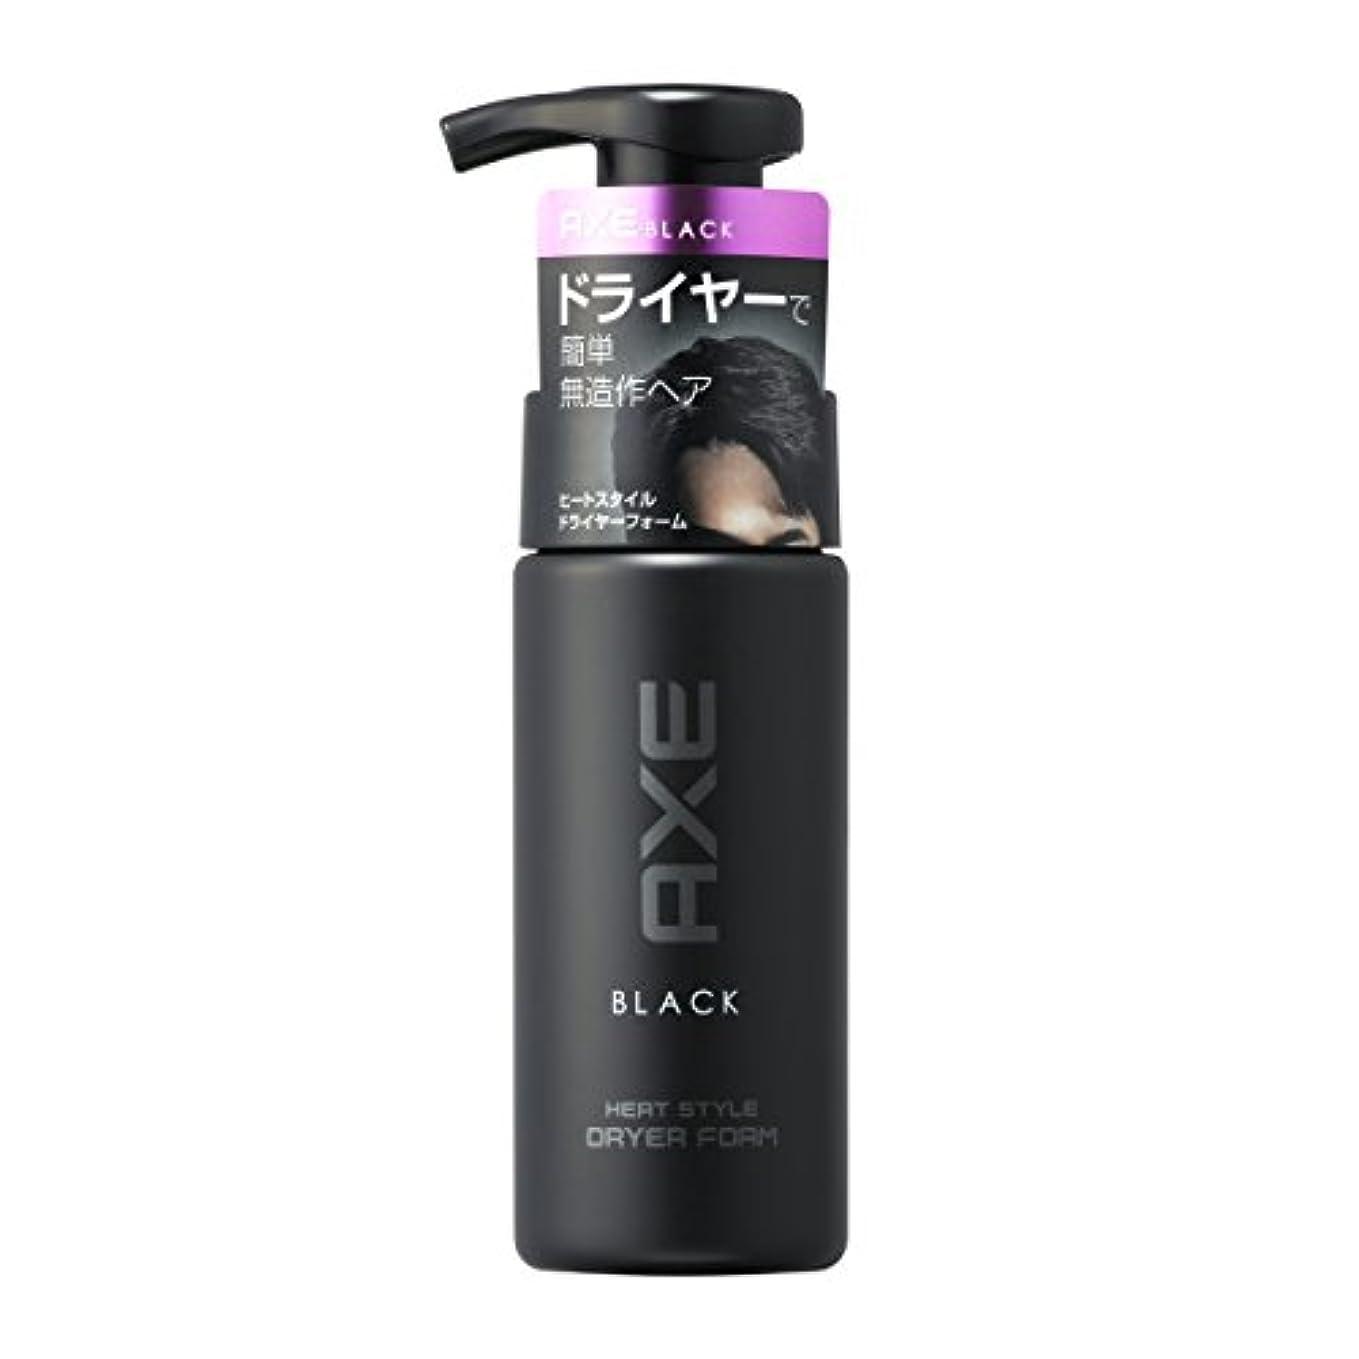 アックス ブラック メンズスタイリング ドライヤーフォーム (無造作ヘア向け) 145ml